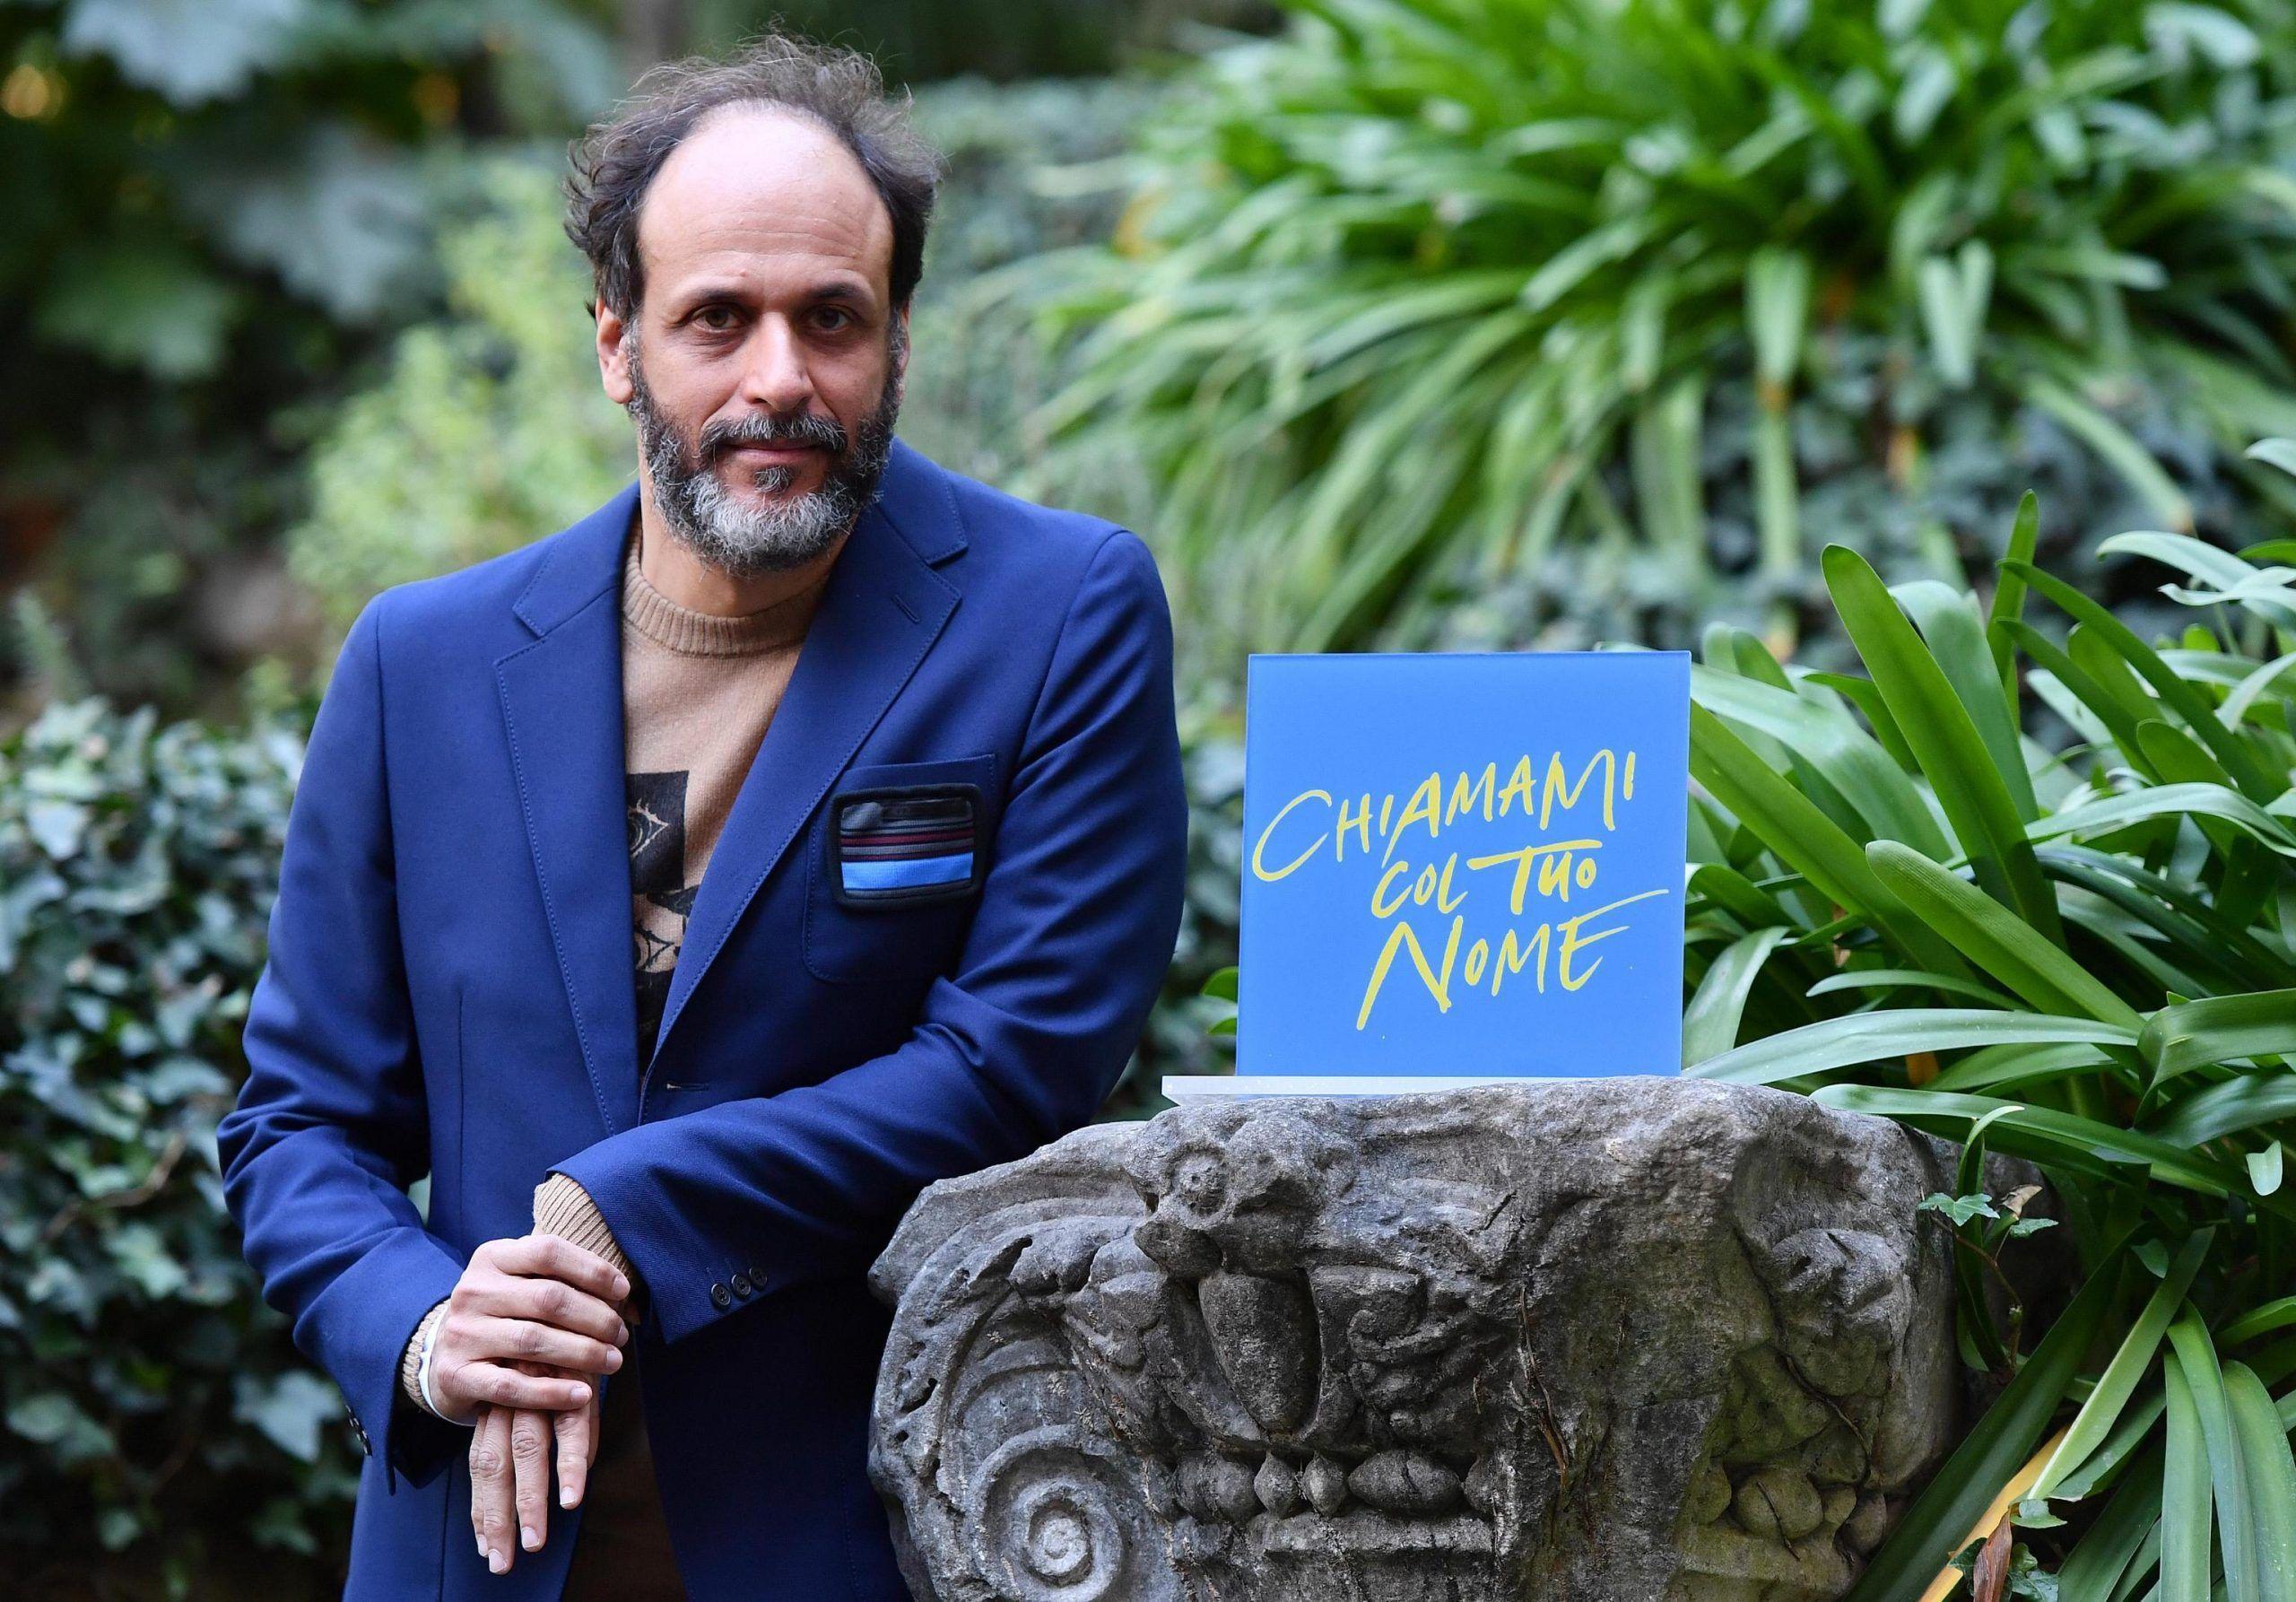 Chiamami Col Tuo Nome: il film di Luca Guadagnino censurato in Tunisia